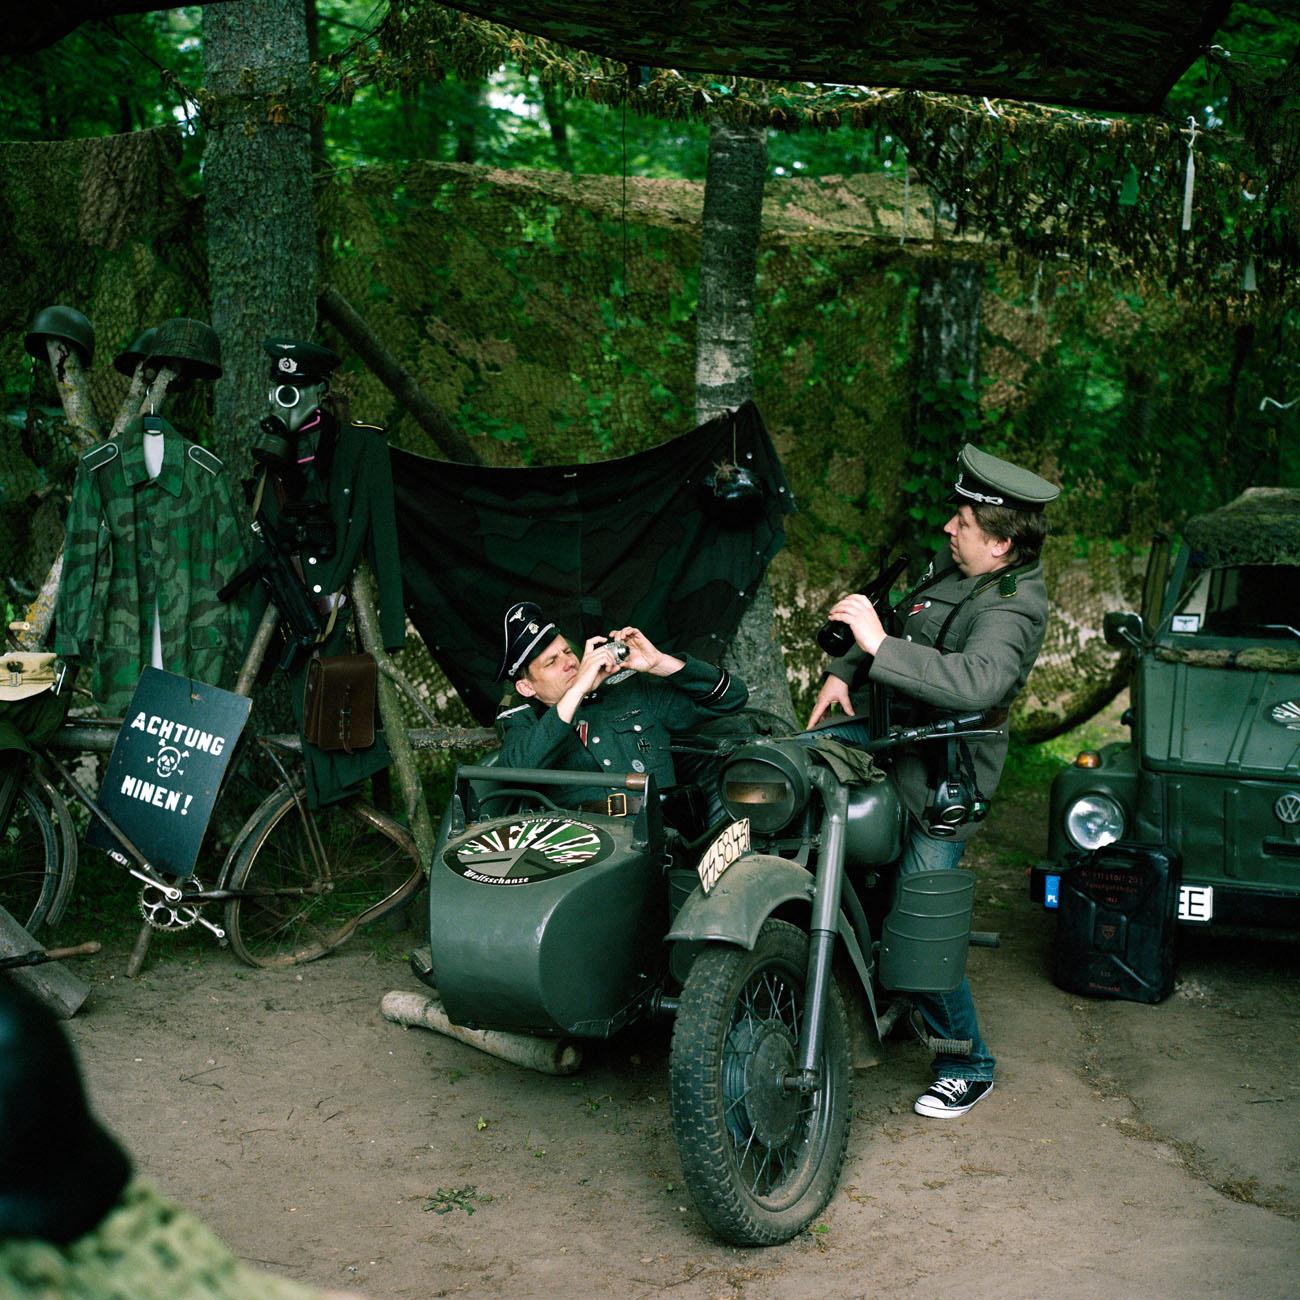 Poland, Gierloz,2011 Wolf's Lair (German: Wolfsschanze) was Adolf Hitler's first Eastern Front military headquarters in World War II.The complex, which would become one of several Führerhauptquartiere (Führer Headquarters) located in various parts of occupied Europe, was built for the start of Operation Barbarossa - the invasion of the Soviet Union - in 1941. It was constructed by Organisation Todt. De Wolfsschanze was een hoofdkwartier van Adolf Hitler tijdens de Tweede Wereldoorlog. Naast de Führerbunker bevonden zich in het complex ook gebouwen voor andere nazi-kopstukken, de lijfwachten van de Führer en eventuele gasten. De Ingang van Bunker nummer 13, de bunker van Adolf Hitler PHOTO AND COPYRIGHT ROGER CREMERS